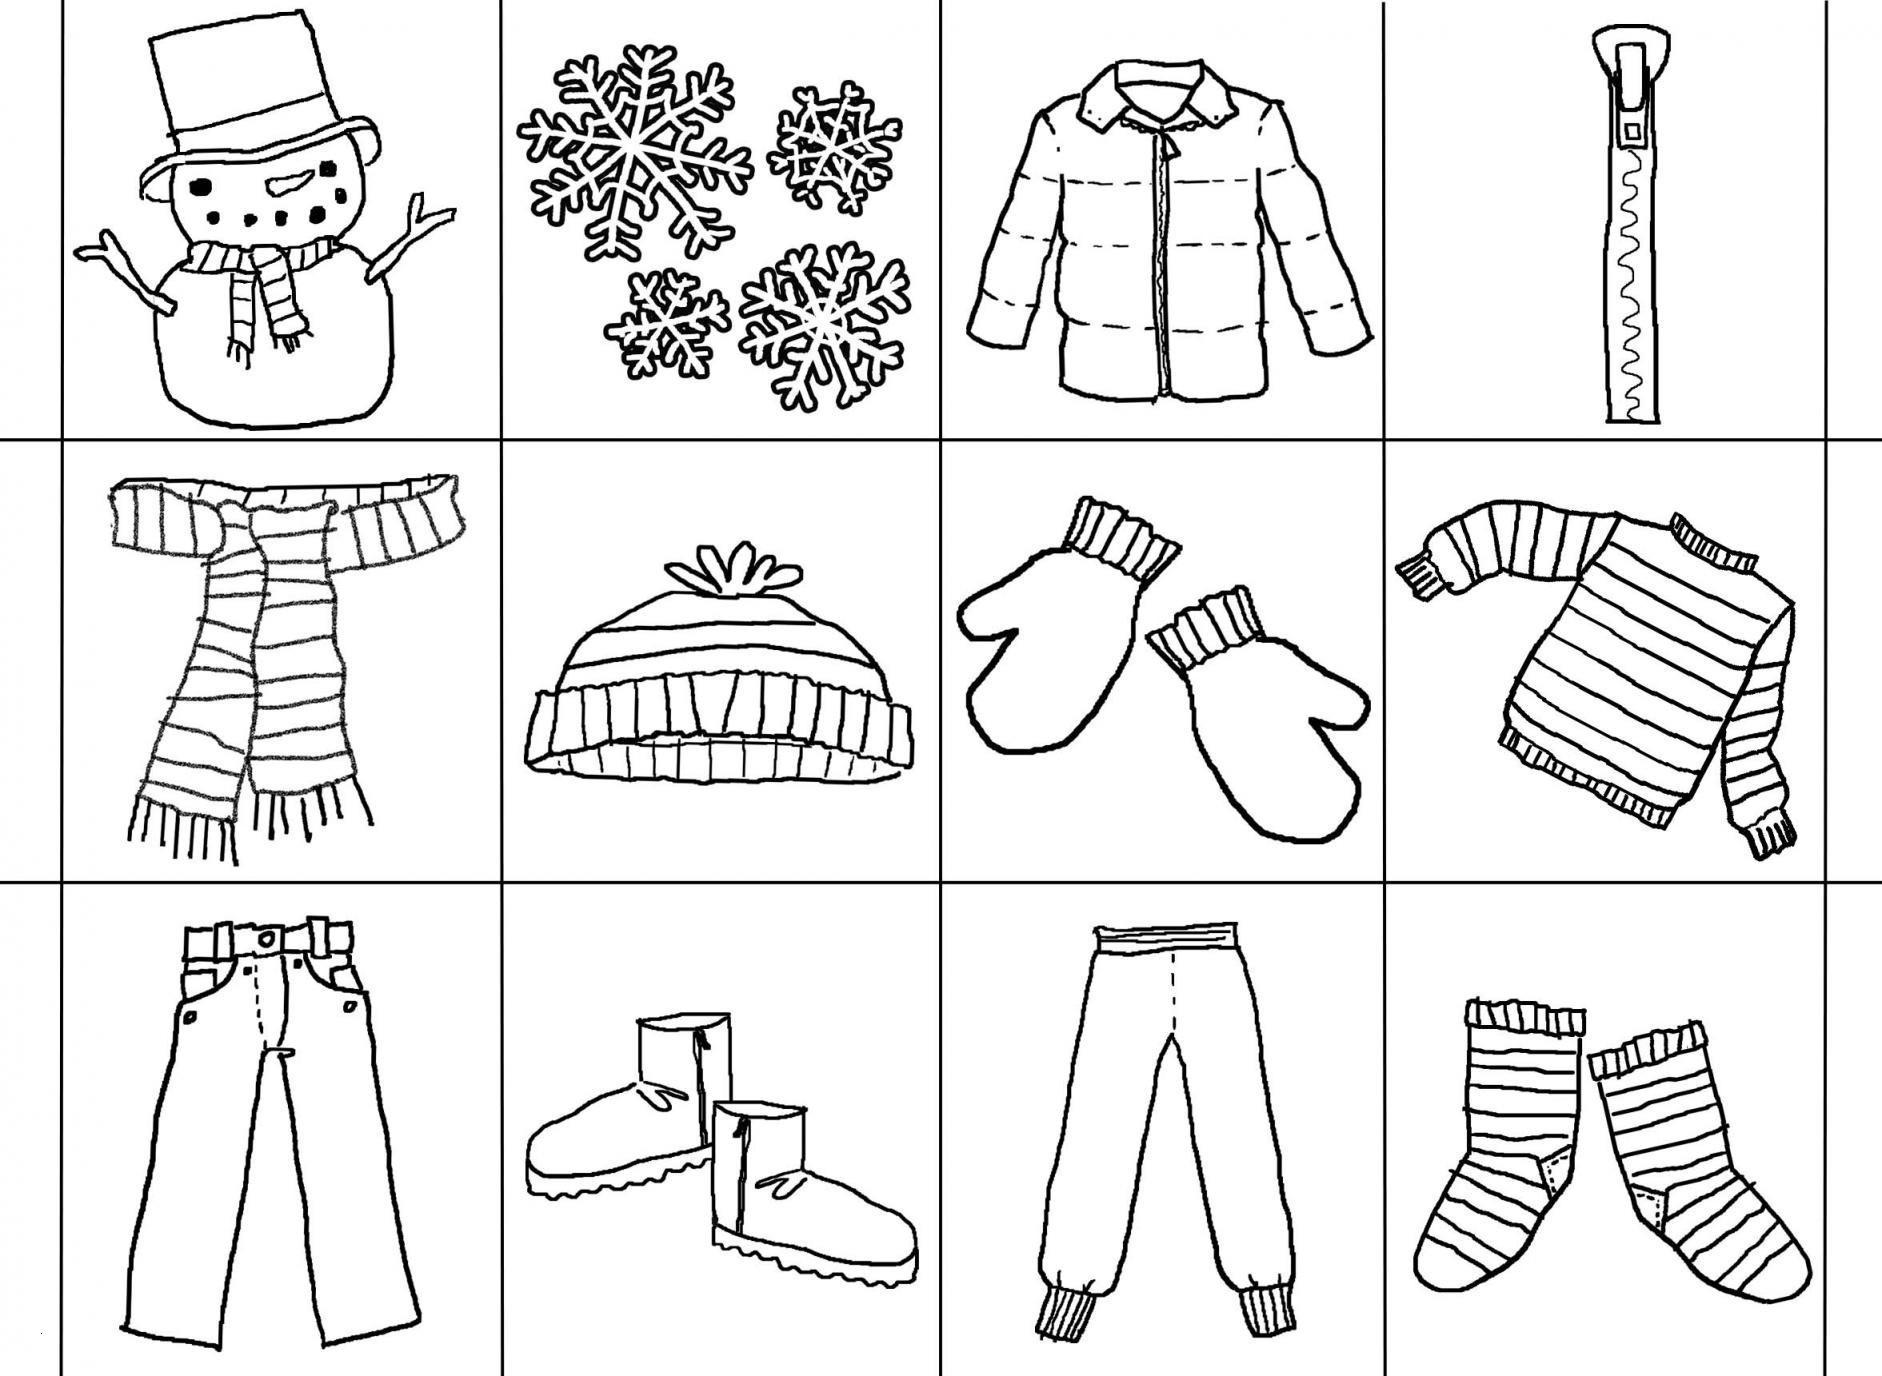 Martin Luther Bilder Zum Ausmalen Neu Malvorlagen Kindergarten Inspirational Herfst Kleuters Pinterest Bild